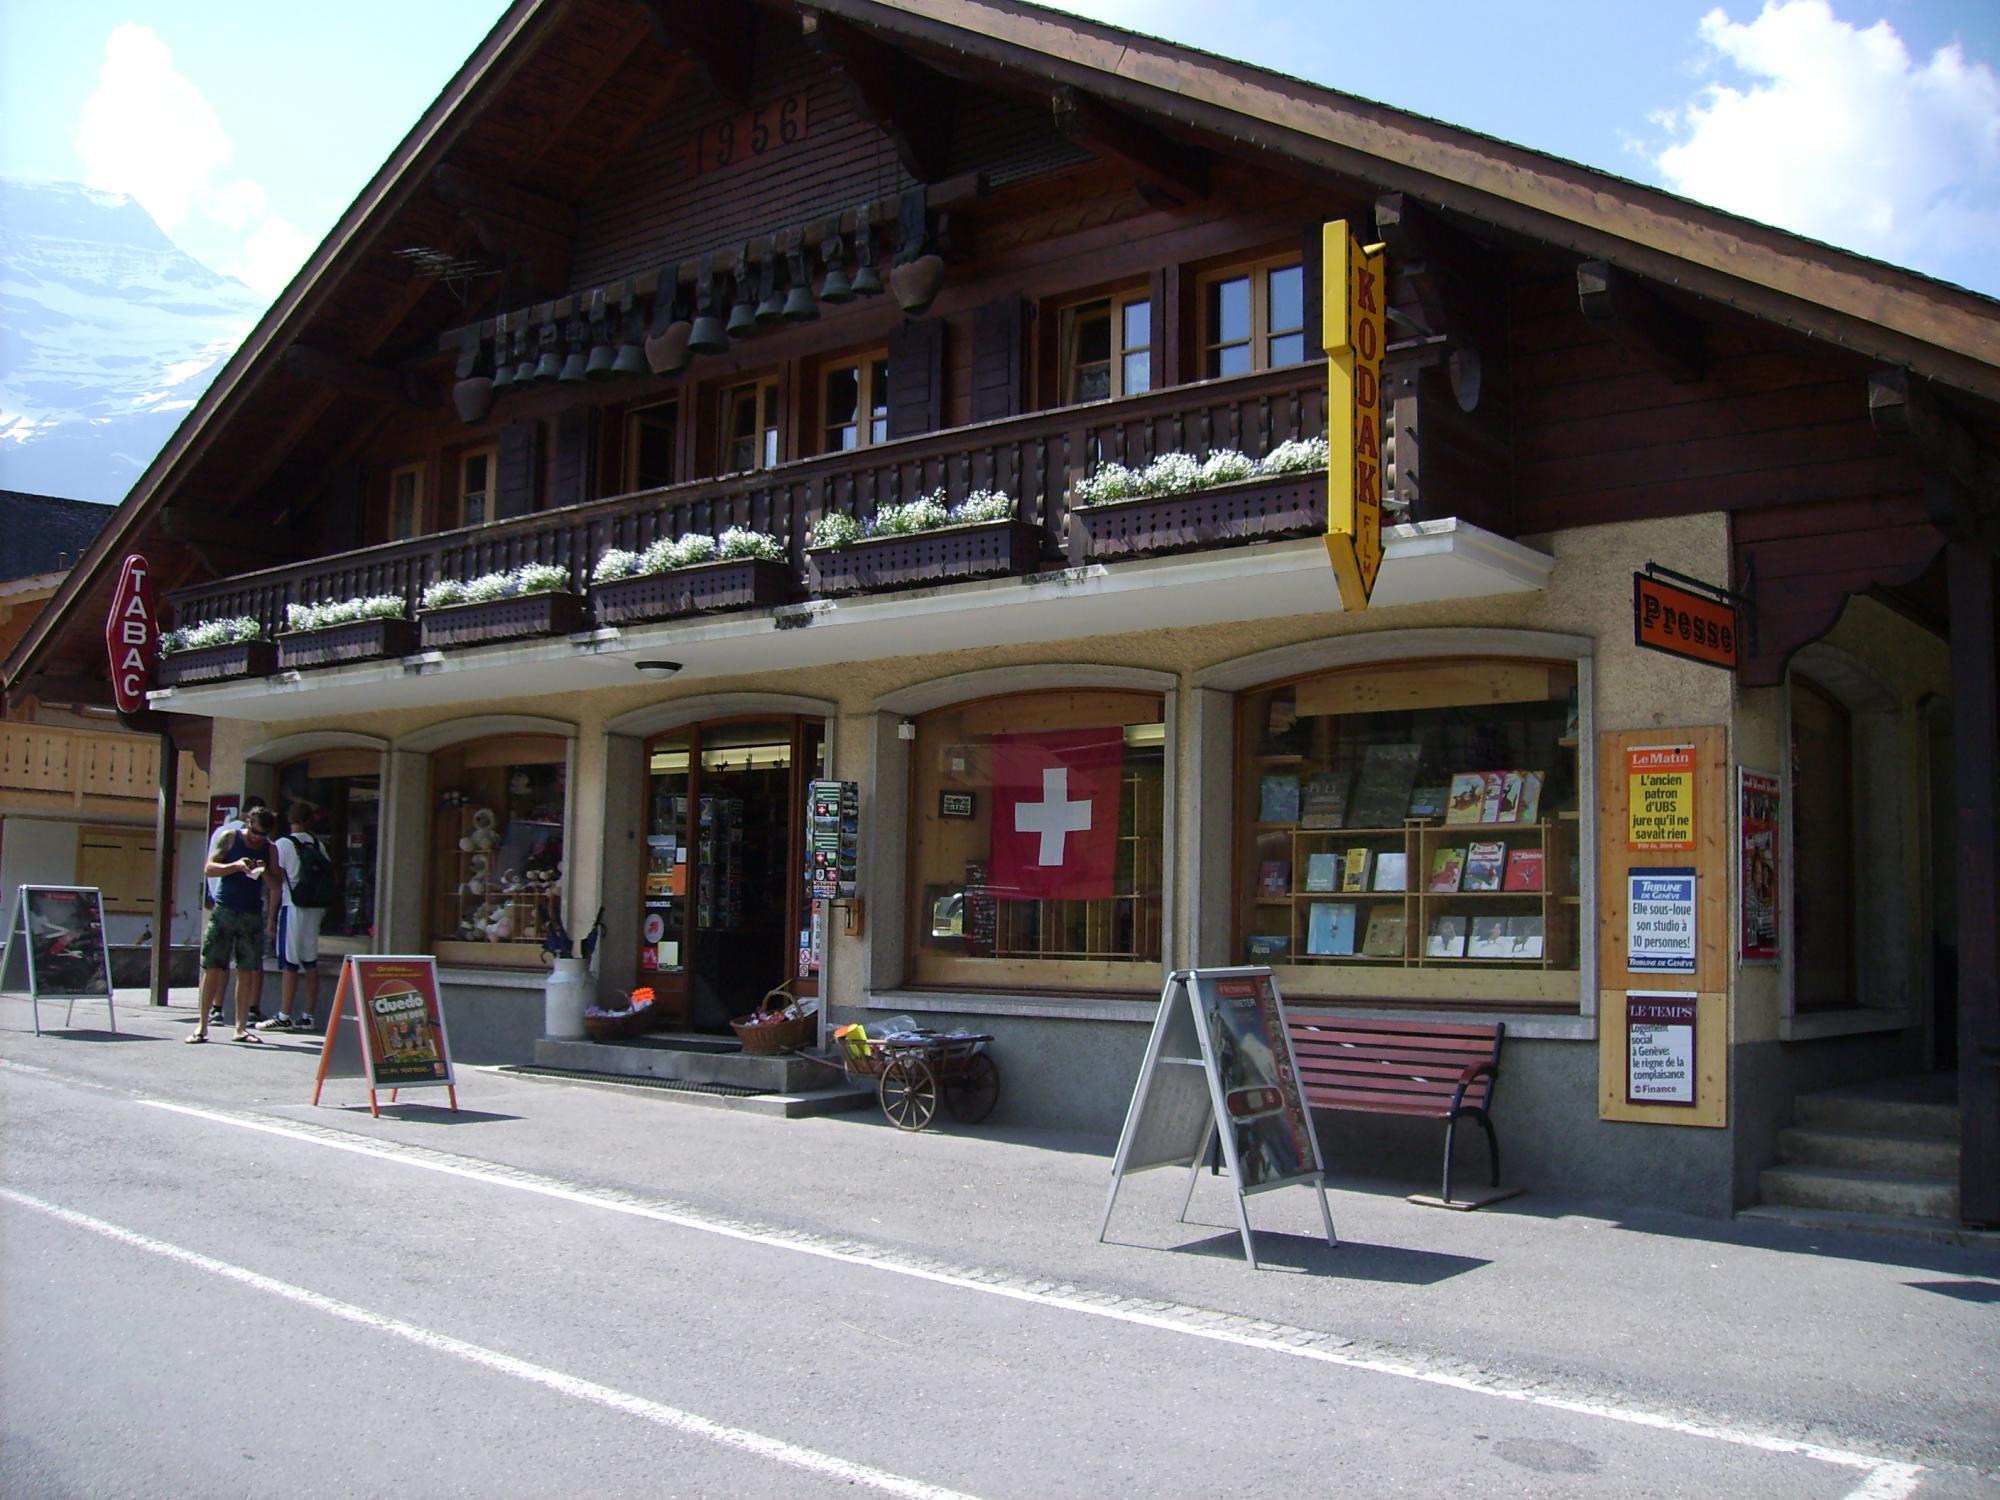 Chalet photo presse villars gryon les diablerets bex suisse - Office du tourisme d amsterdam ...